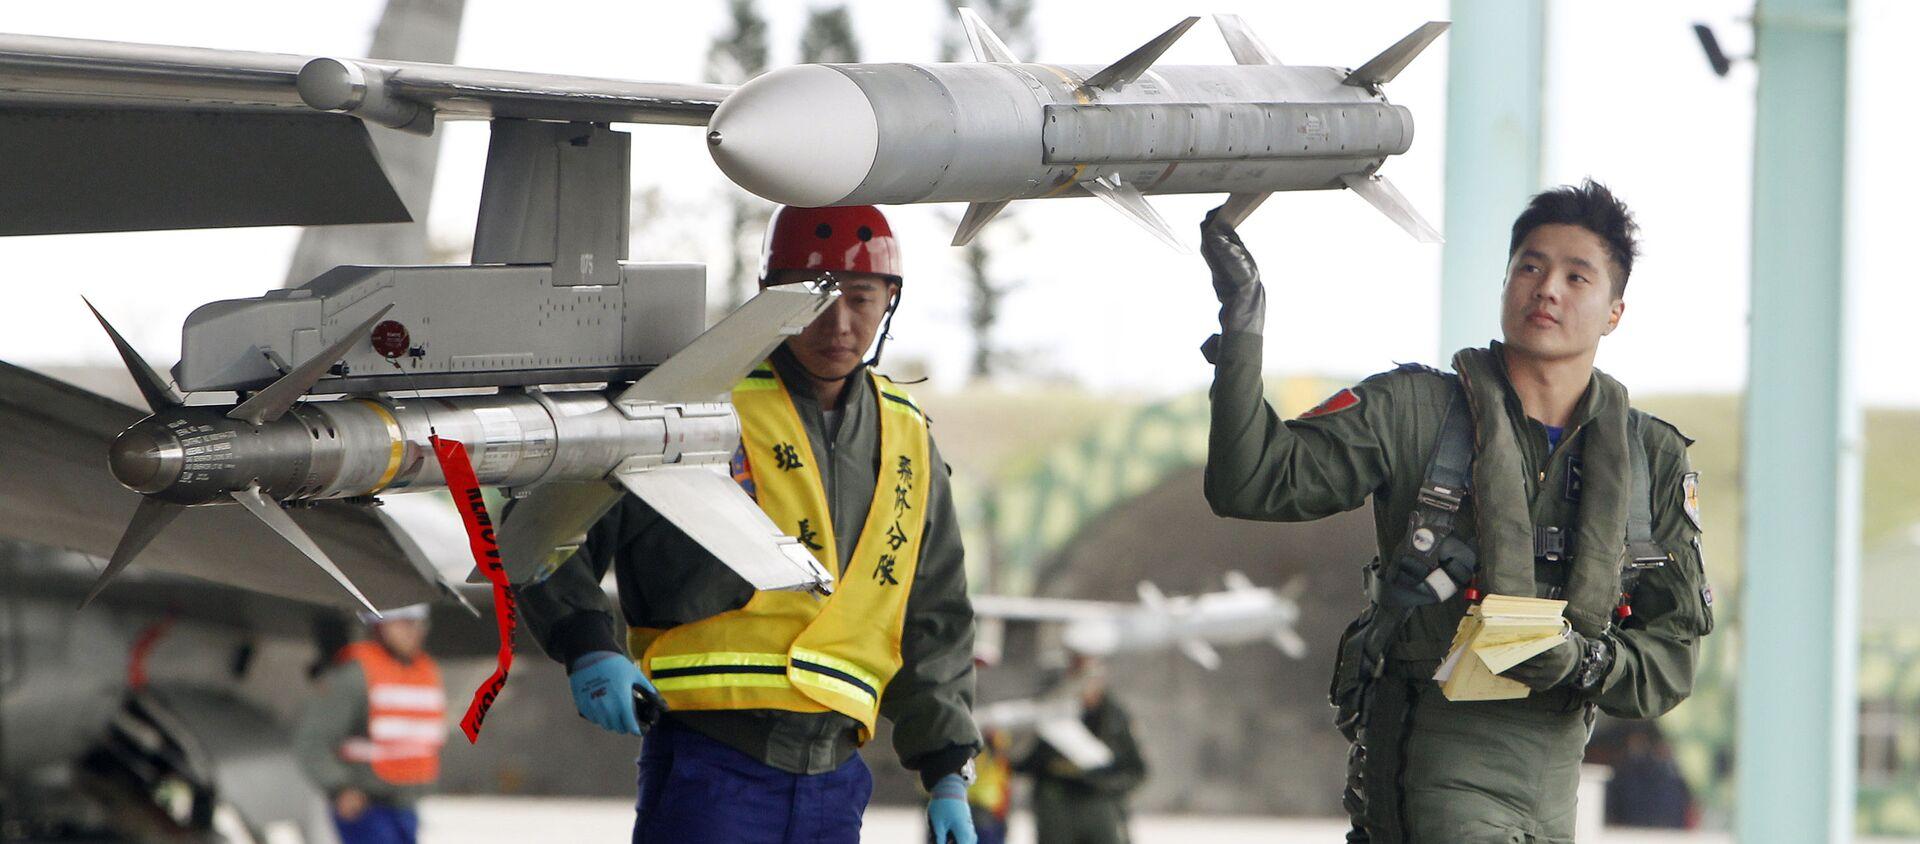 Một phi công kiểm tra tên lửa trong một cuộc tập trận. Đài Đông. Đài loan - Sputnik Việt Nam, 1920, 08.10.2020